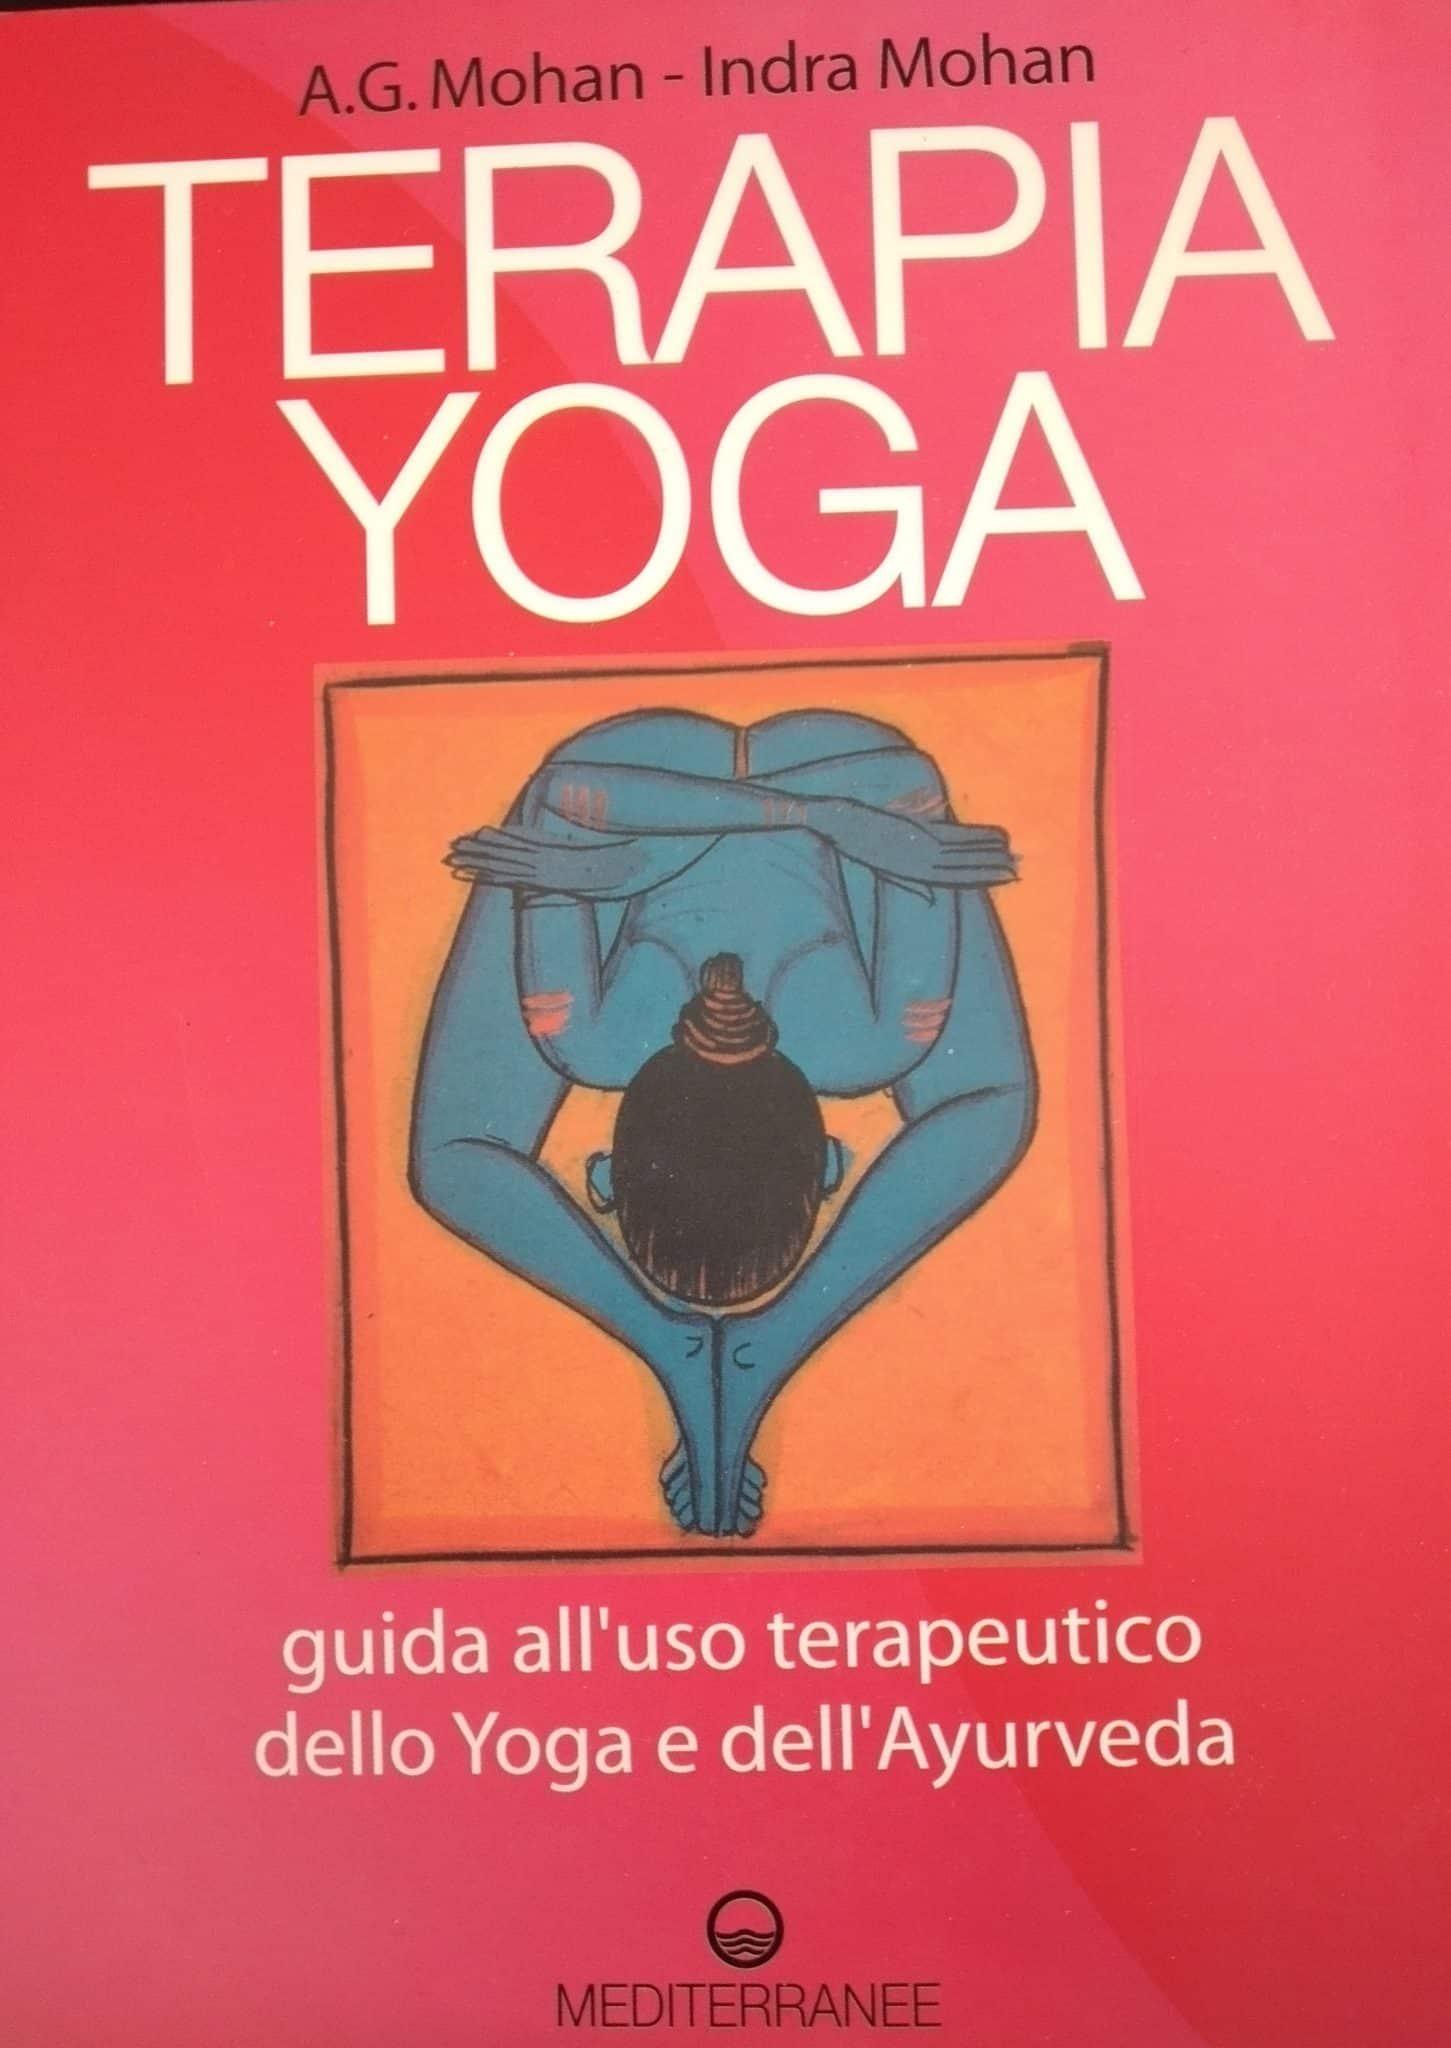 Terapia Yoga. Guida All'uso Terapeutico Dello Yoga E Dell'Ayurveda